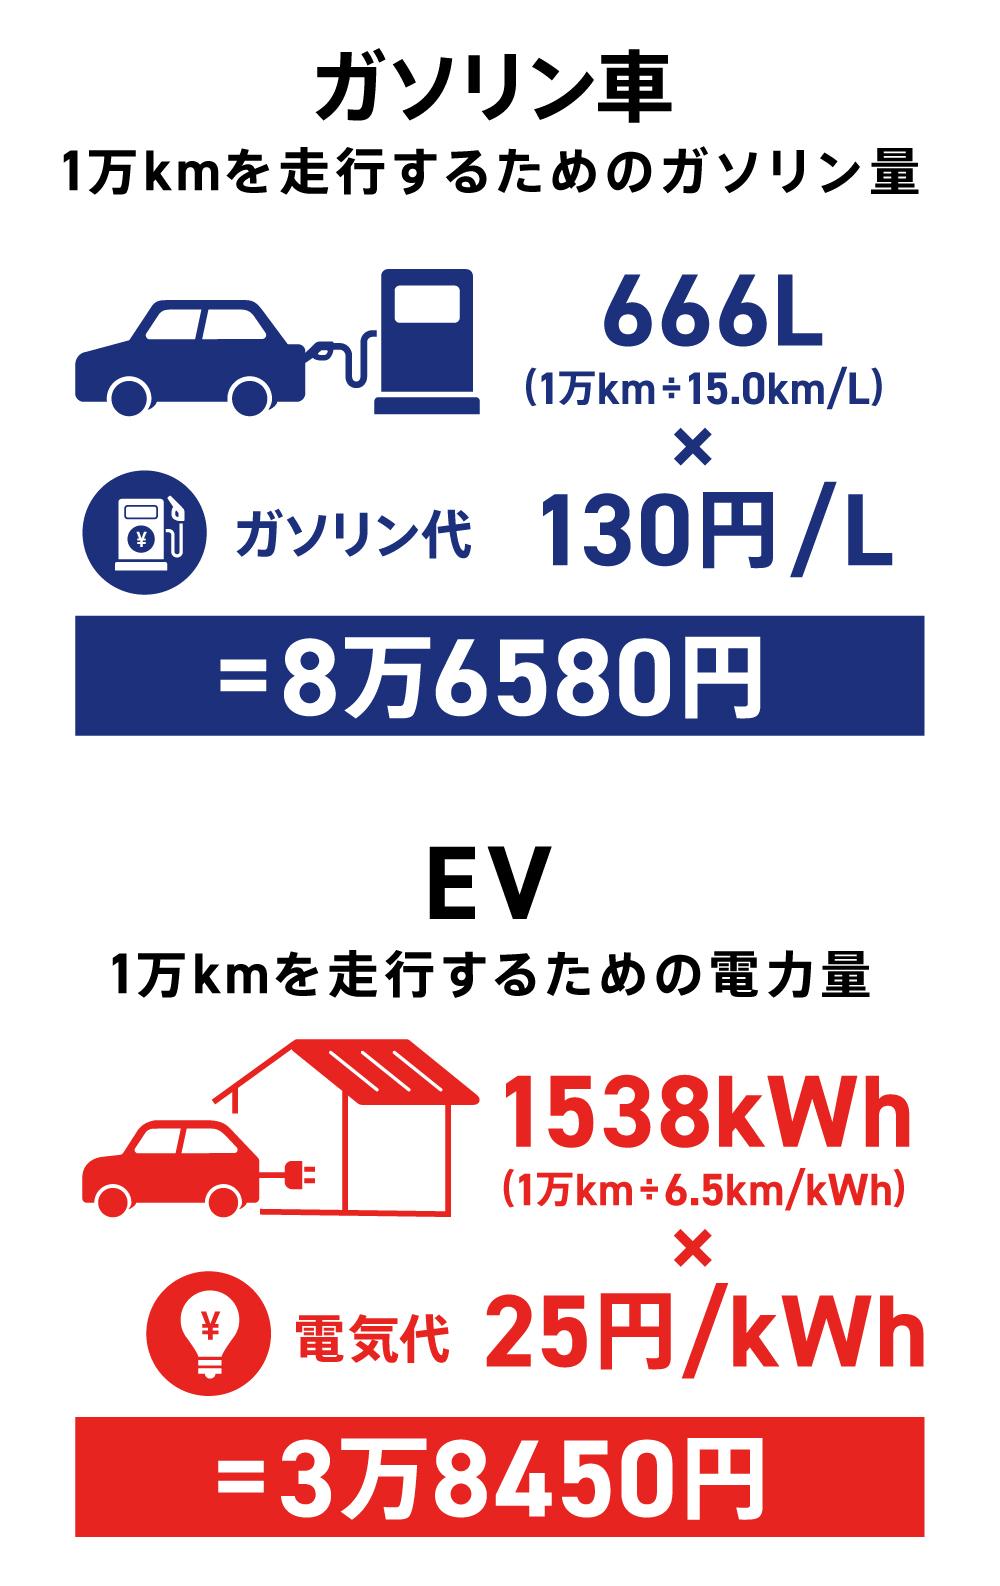 1万kmを走行した場合のコストの比較